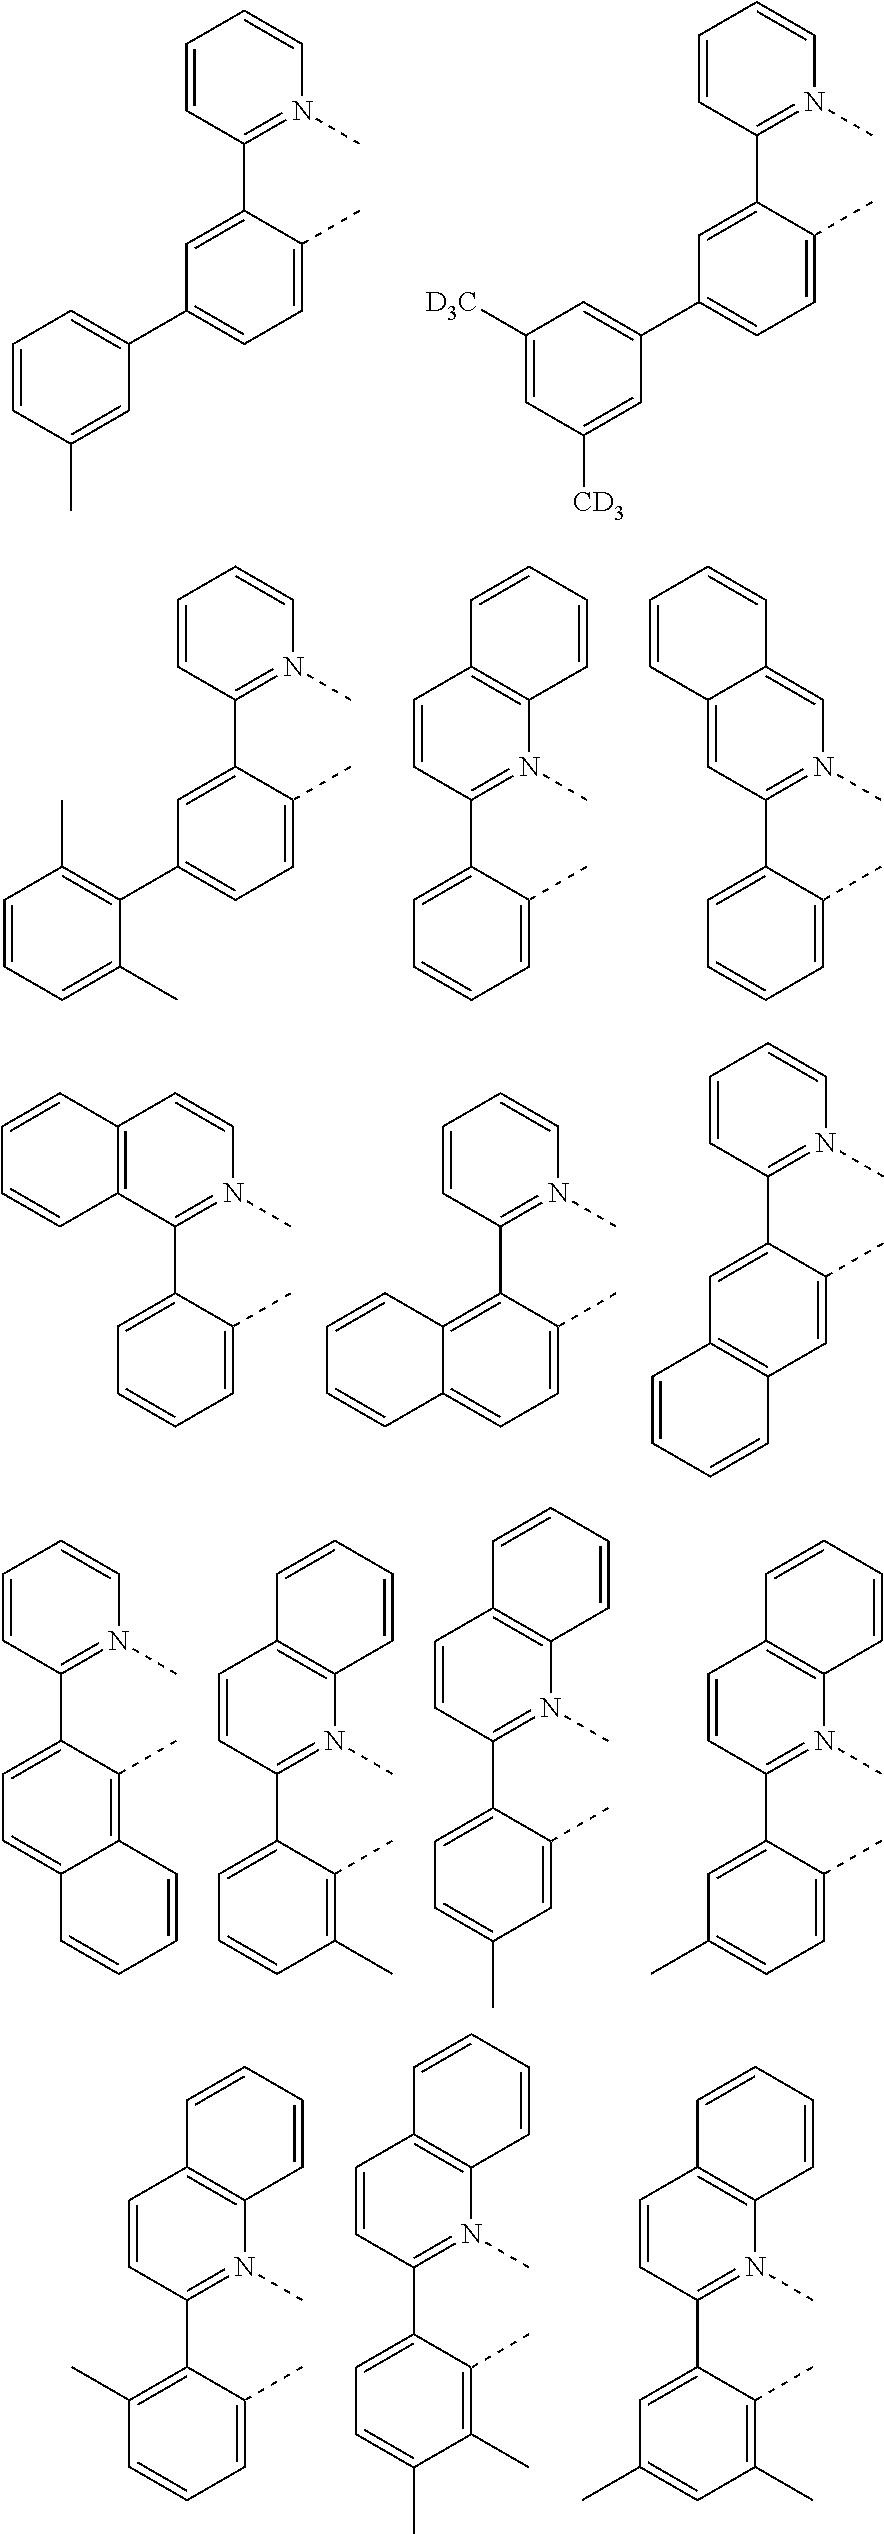 Figure US09773985-20170926-C00022